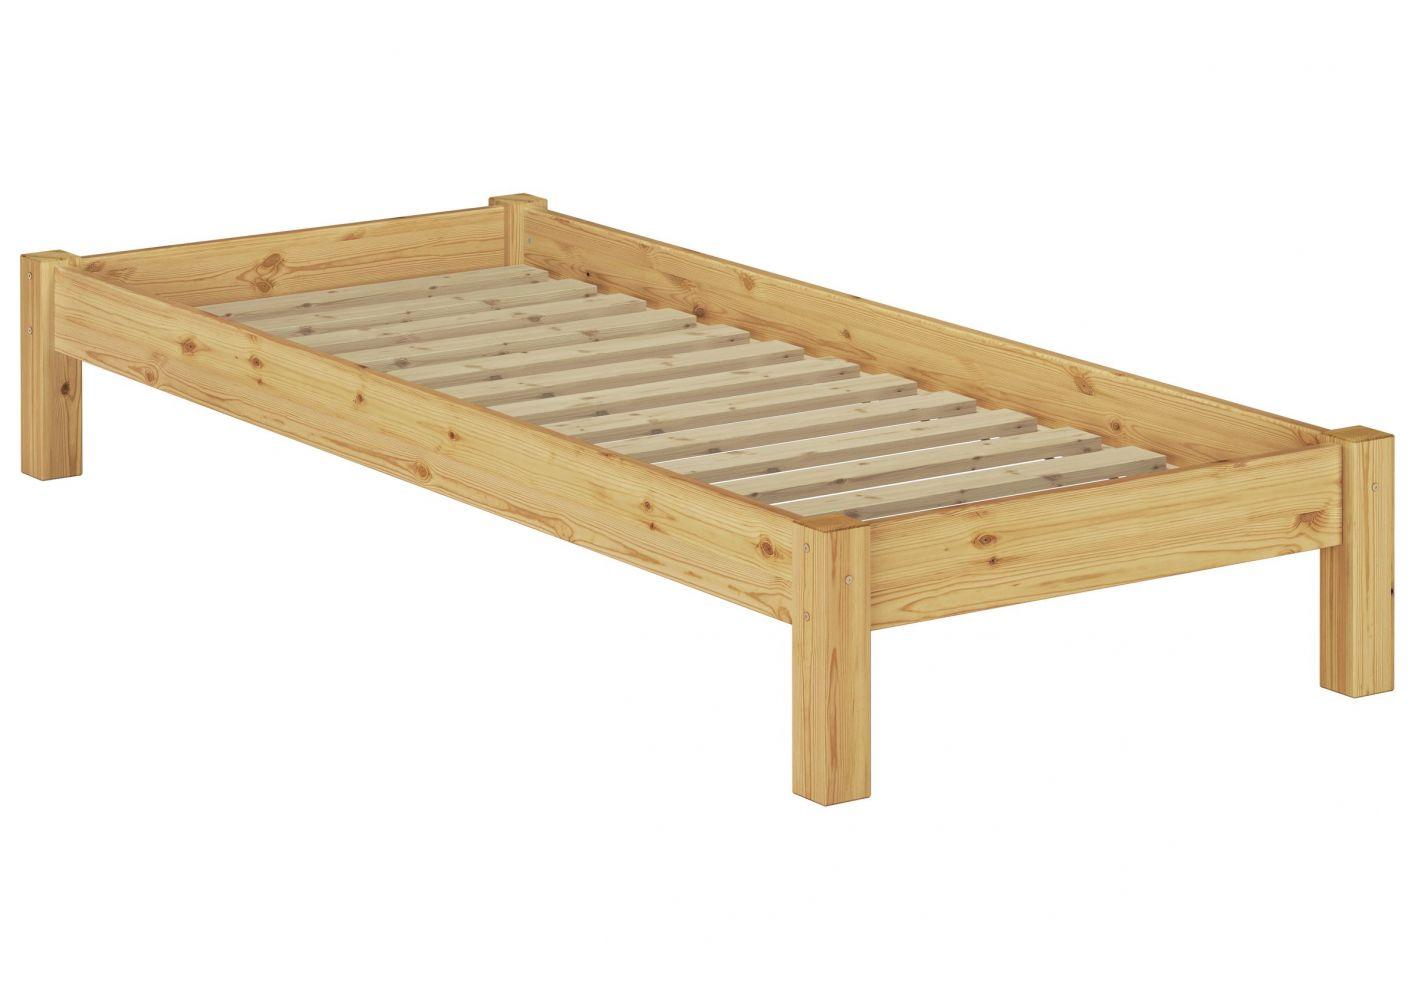 Full Size of Klappbares Doppelbett Bauen Bett Einzelbetten Preisvergleich Gnstig Bei Check24 Kaufen Ausklappbares Wohnzimmer Klappbares Doppelbett